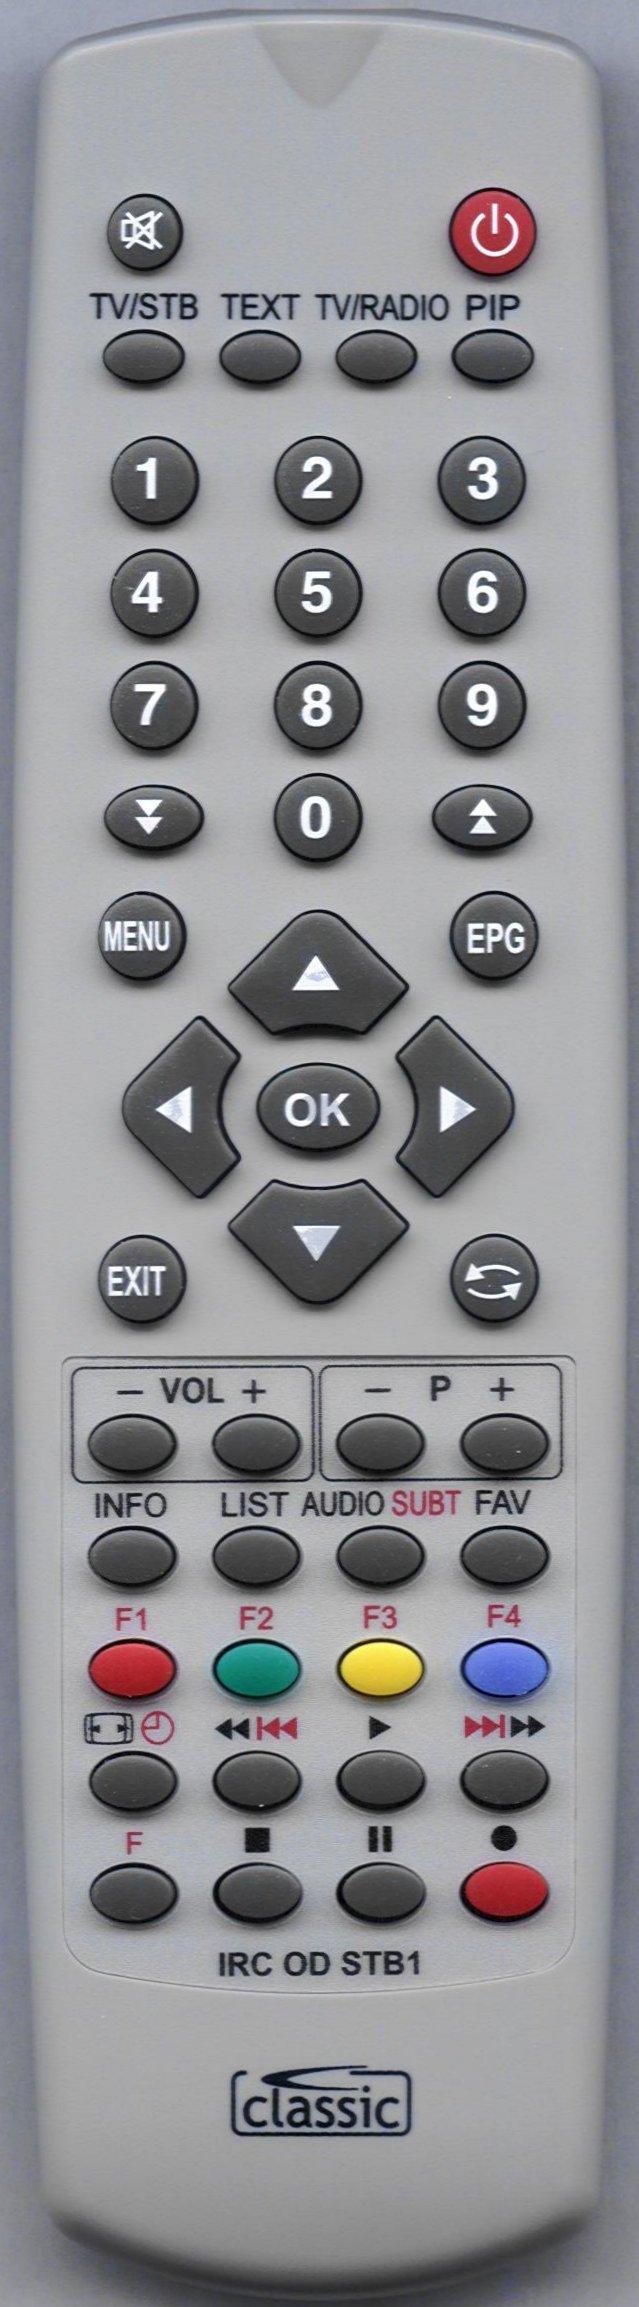 Topfield SRP-2100 Remote Control